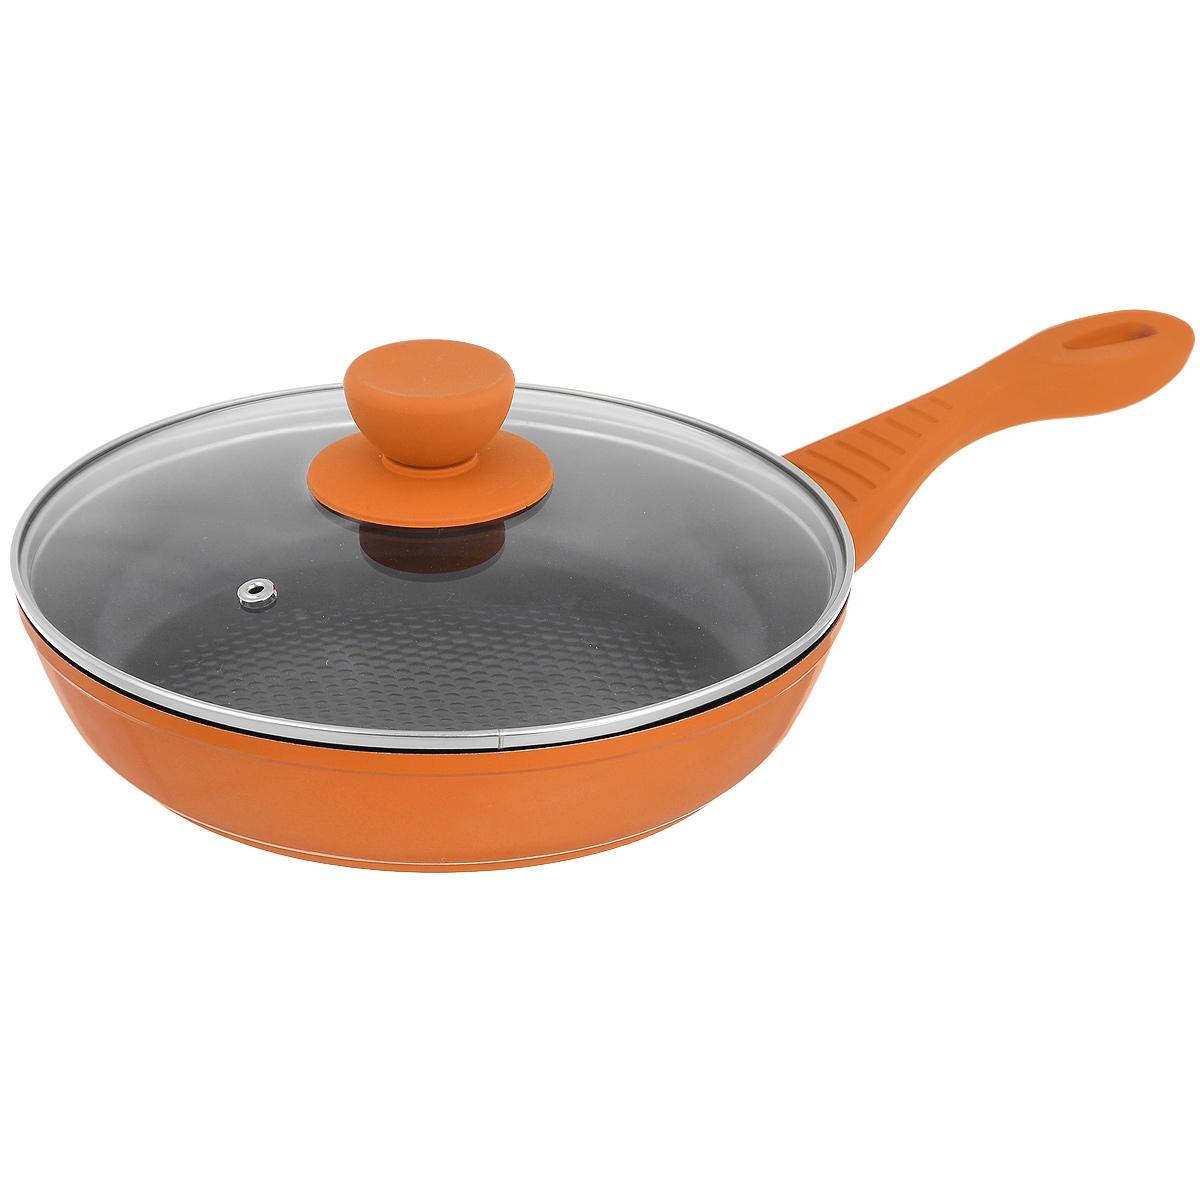 Сковорода Bohmann с крышкой, с керамическим 3D покрытием, цвет: оранжевый. Диаметр 20 см. 7020BH/3D391602Сковорода Bohmann изготовлена из литого алюминия с антипригарным керамическим покрытием черного цвета с эффектом 3D. Внешнее покрытие - жаростойкий лак, который сохраняет цвет долгое время. Благодаря керамическому покрытию пища не пригорает и не прилипает к поверхности сковороды, что позволяет готовить с минимальным количеством масла. Кроме того, такое покрытие абсолютно безопасно для здоровья человека, так как не содержит вредной примеси PFOA. Рифленая внутренняя поверхность сковороды обеспечивает быстрое и легкое приготовление. Она также оформлена рисунком в виде голубых кружков с эффектом 3D.Достоинства керамического покрытия: - устойчивость к высоким температурам и резким перепадам температур, - устойчивость к царапающим кухонным принадлежностям и абразивным моющим средствам, - устойчивость к коррозии, - водоотталкивающий эффект, - покрытие способствует испарению воды во время готовки, - длительный срок службы, - безопасность для окружающей среды и человека. Сковорода быстро разогревается, распределяя тепло по всей поверхности, что позволяет готовить в энергосберегающем режиме, значительно сокращая время, проведенное у плиты. Сковорода оснащена ручкой, выполненной из бакелита с термостойким силиконовым покрытием. Такая ручка не нагревается в процессе готовки и обеспечивает надежный хват. Крышка изготовлена из жаропрочного стекла, оснащена ручкой, отверстием для выпуска пара и металлическим ободом. Благодаря такой крышке можно следить за приготовлением пищи без потери тепла. Подходит для всех типов плит, кроме индукционных.Подходит для чистки в посудомоечной машине.